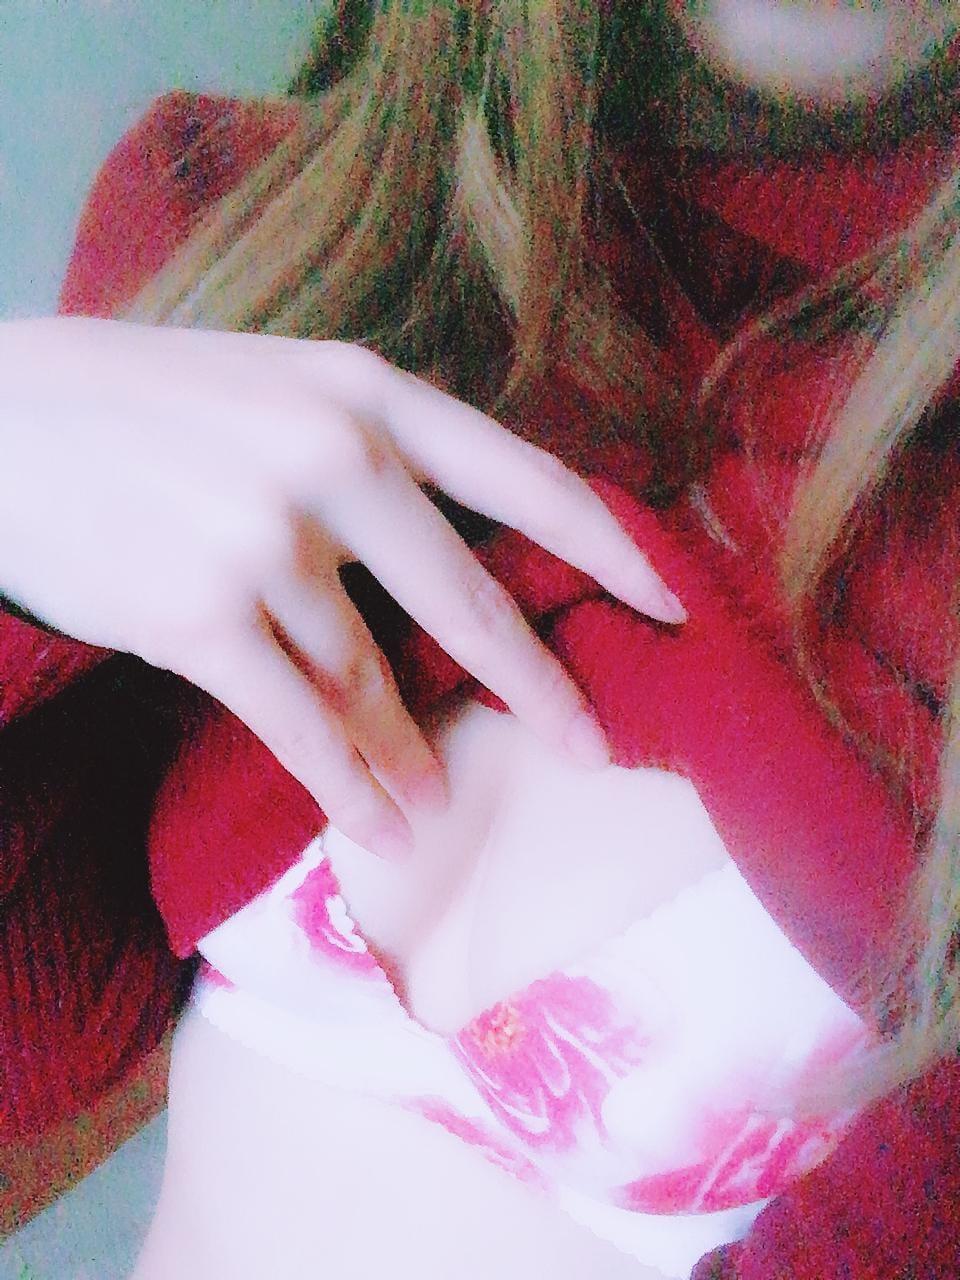 「肌寒くなって」10/15(10/15) 17:16 | るなの写メ・風俗動画